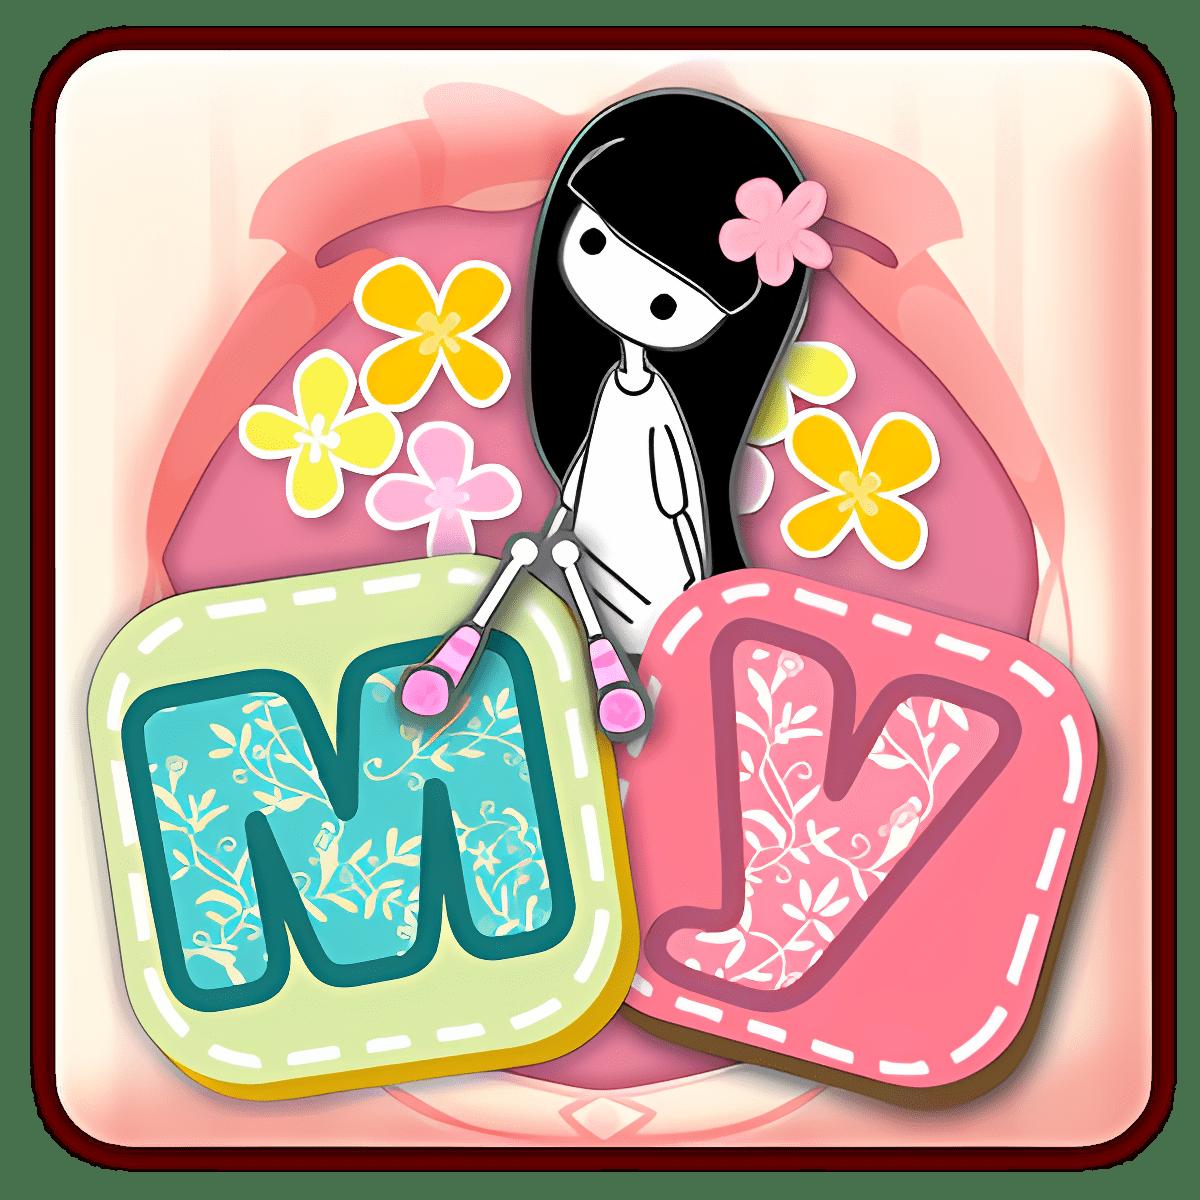 Mi Photo Sticker